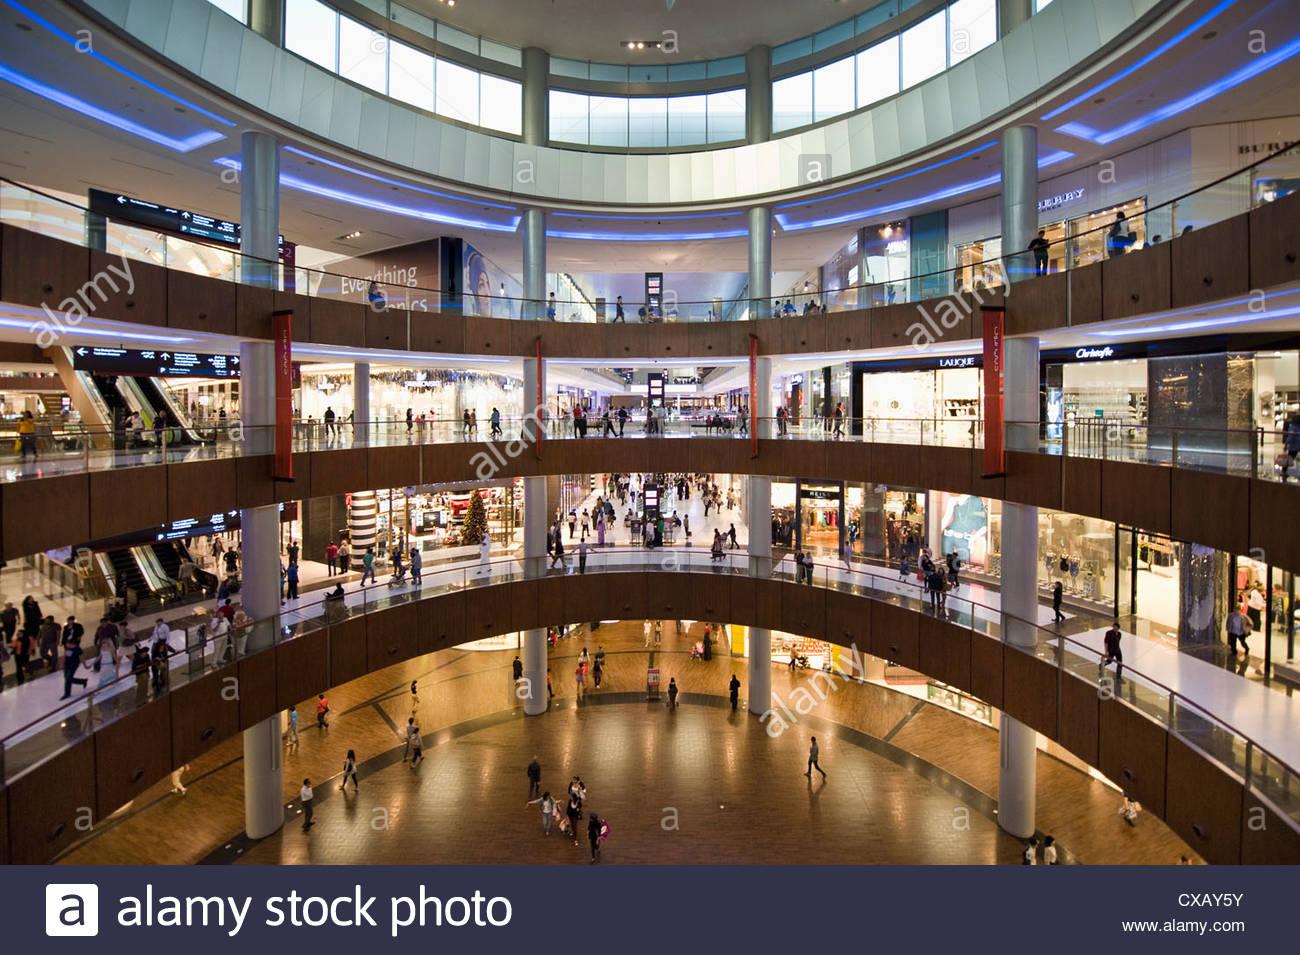 Centro commerciale di Dubai, Dubai, Emirati Arabi Uniti, Medio Oriente Immagini Stock